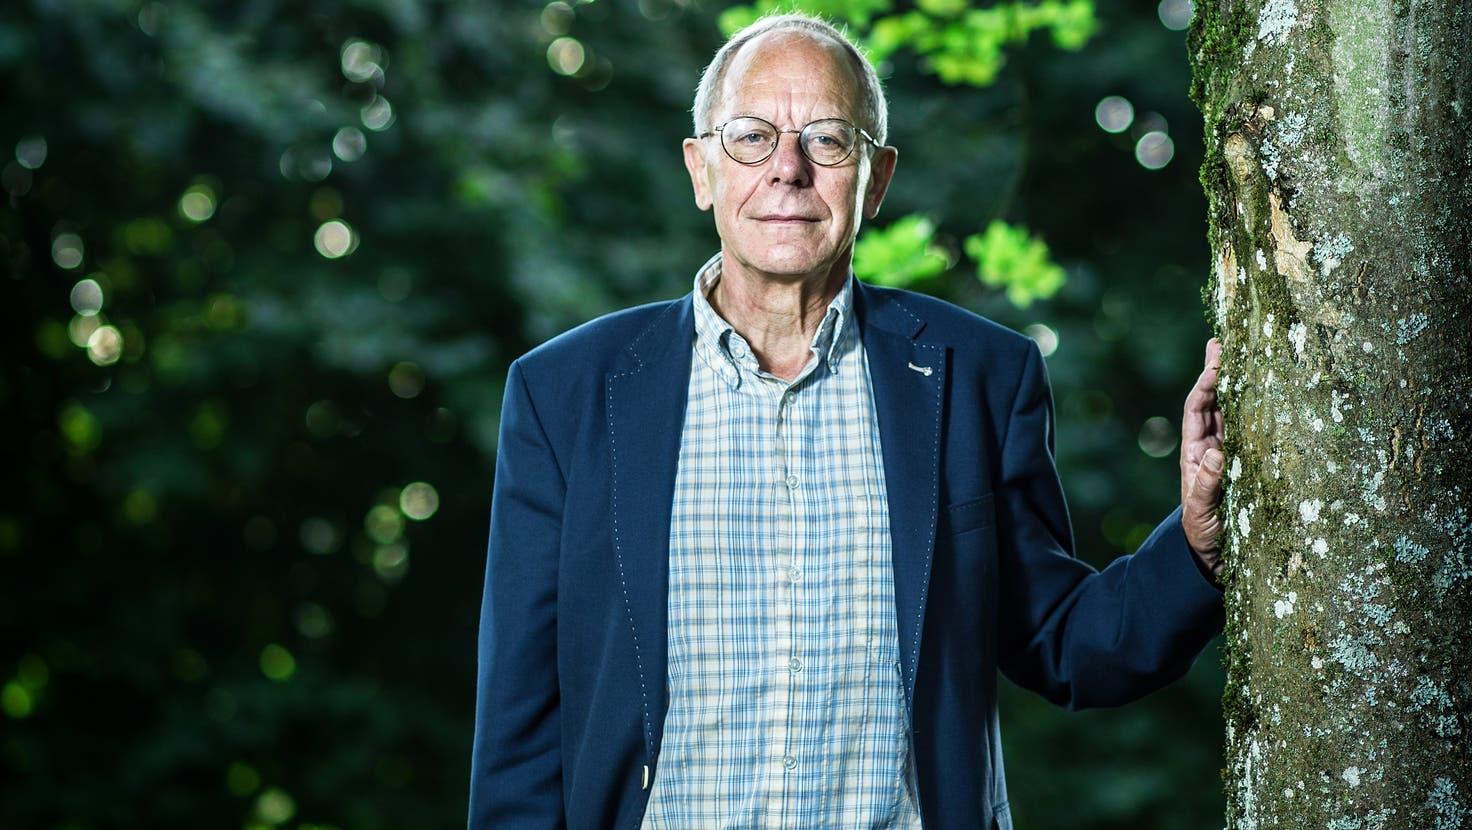 Josef Sachs war bis zu seiner Pensionierung im August 2015 Chef der forensischen Psychiatrie in Königsfelden. (Chris Iseli/ 27. August 2015)